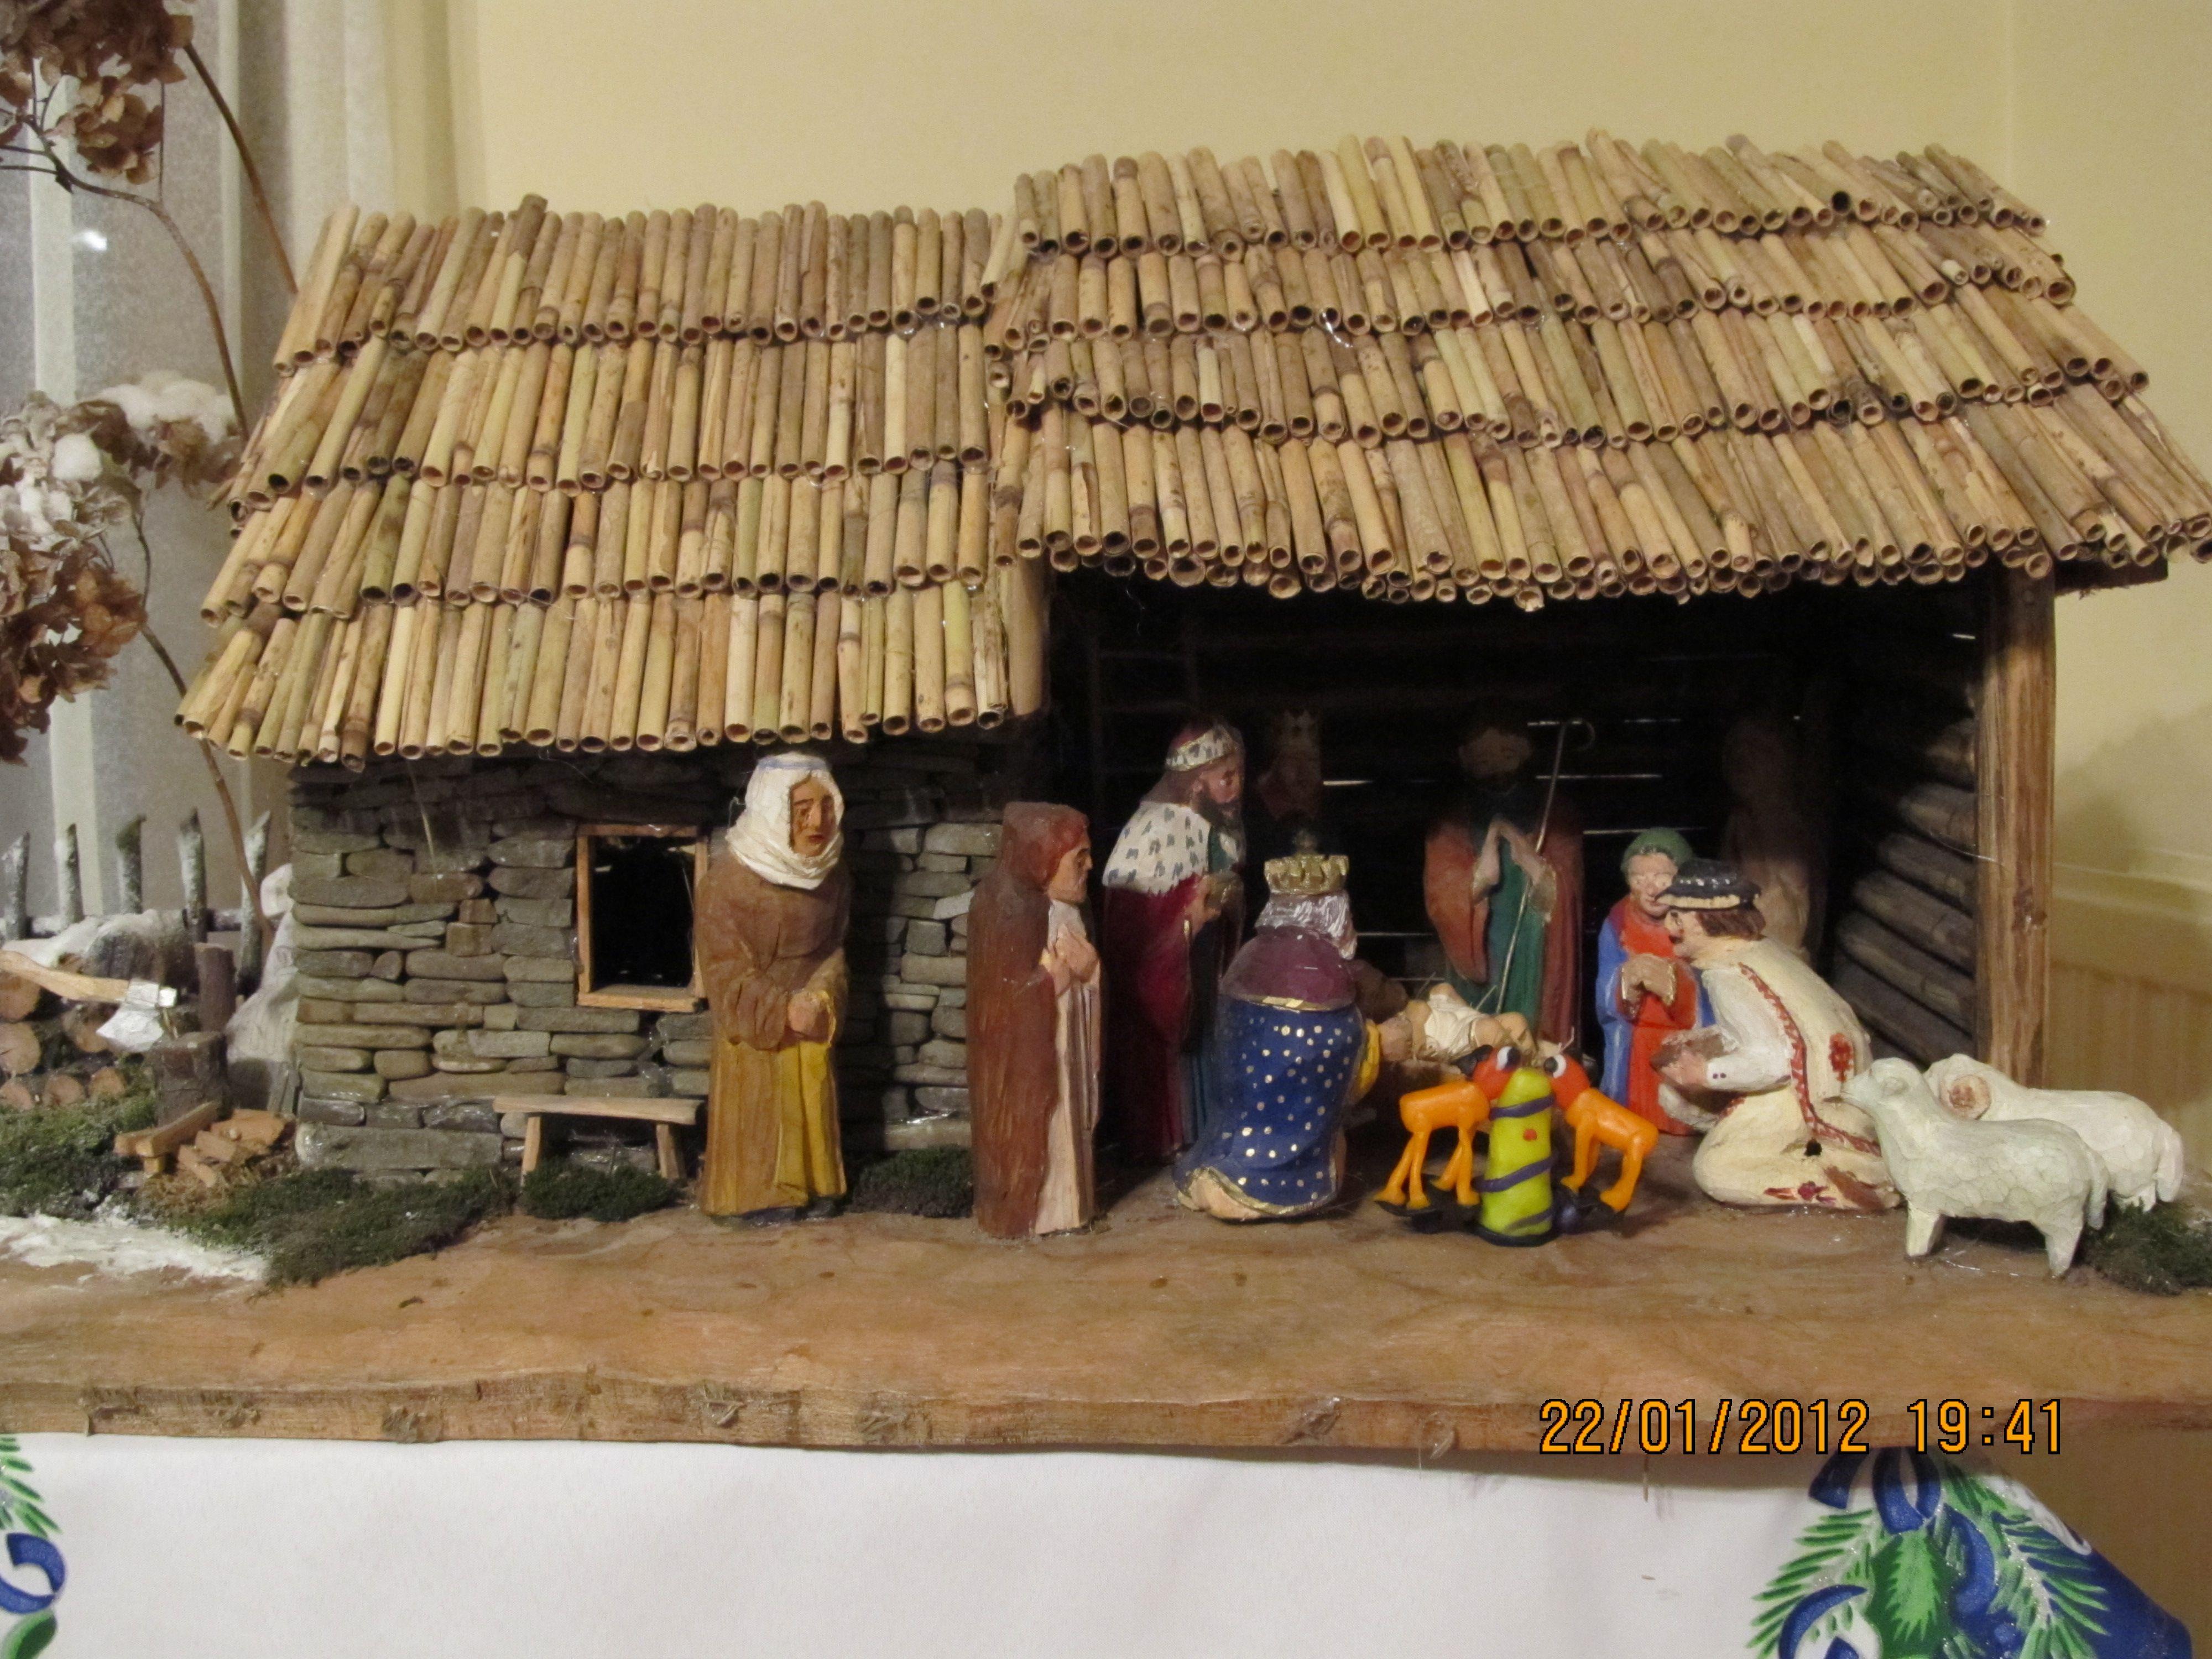 Christmas Bozonarodzeniowa Szopka Mojego Pomyslu Janusz Kyrcz Crafts Wood Nativity